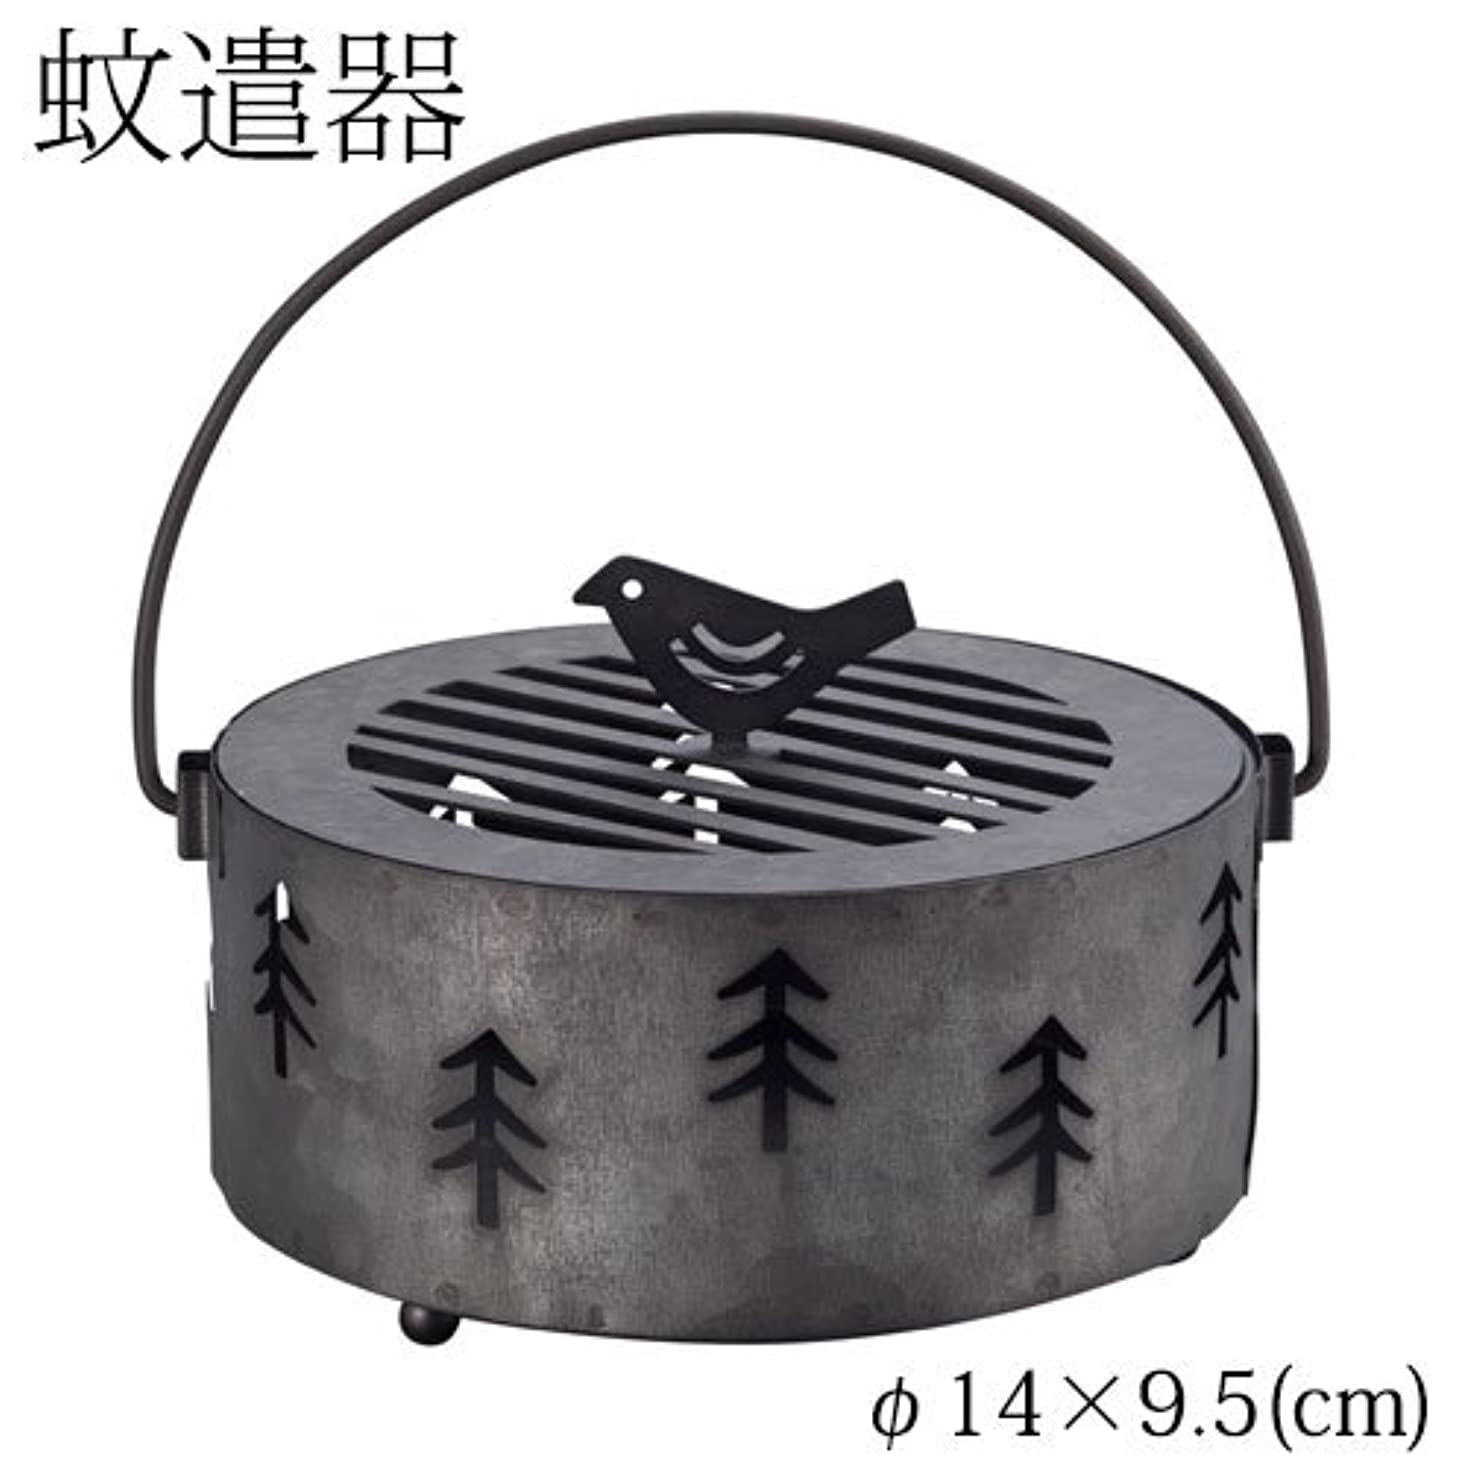 宿題中絶プレゼントDECOLE 蚊遣り箱 森 (ZBZ-37414) スチール製蚊遣器 Kayari of Steel